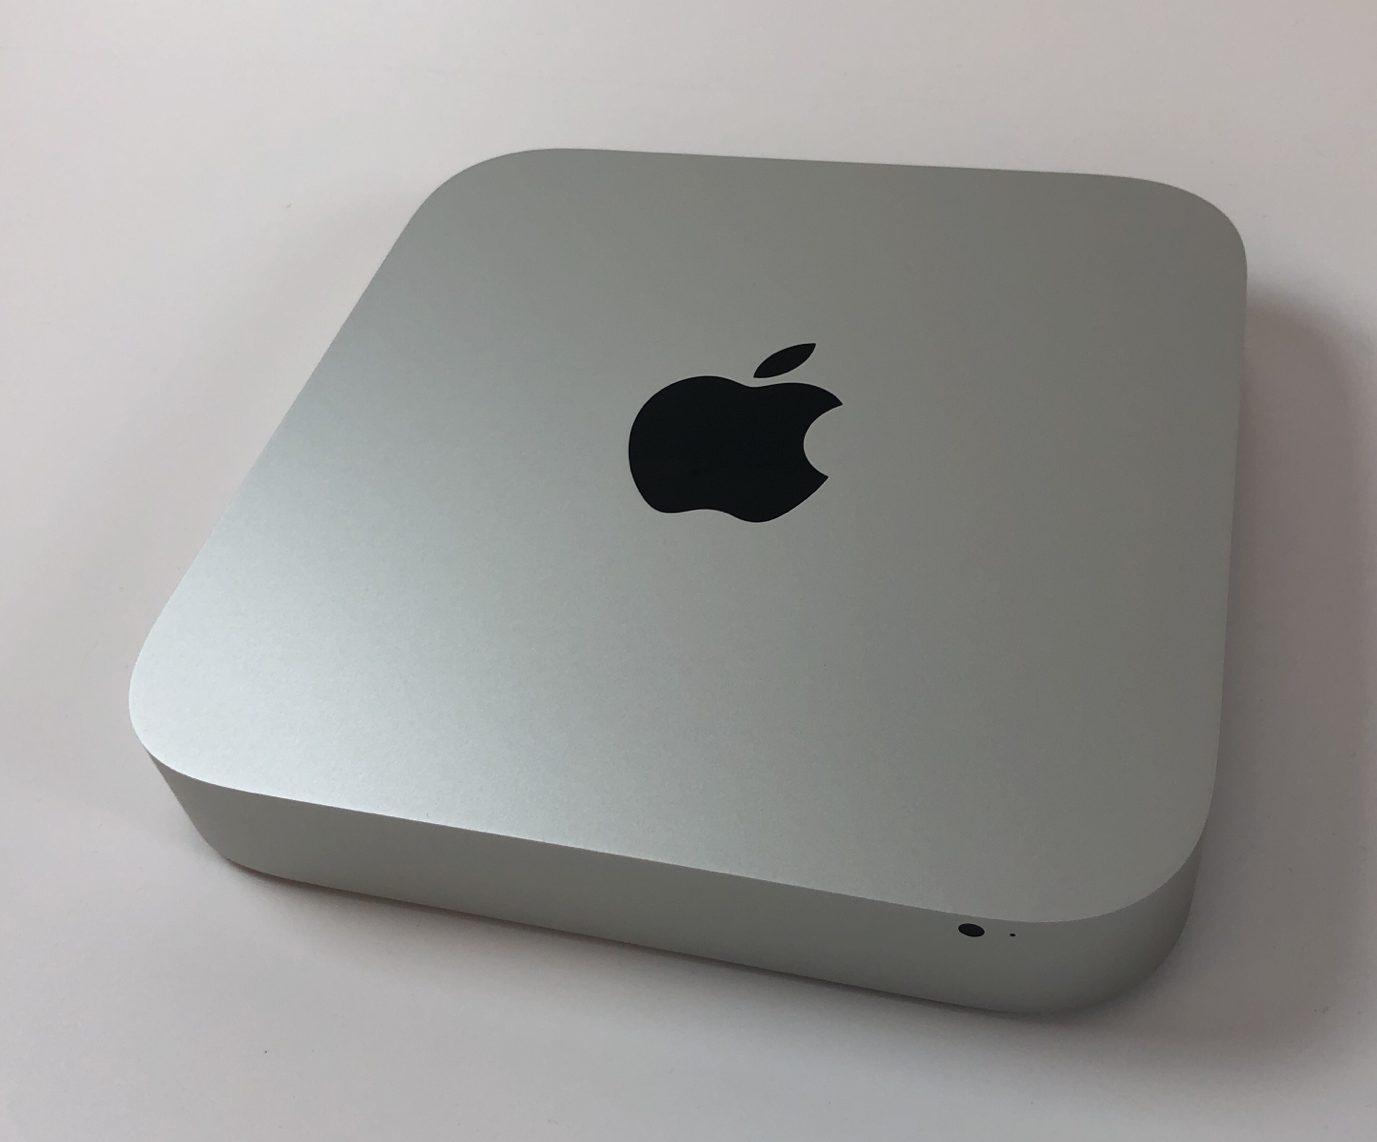 Mac Mini Late 2012 (Intel Core i5 2.5 GHz 8 GB RAM 500 GB HDD), Intel Core i5 2.5 GHz, 8 GB RAM, 500 GB HDD, imagen 1